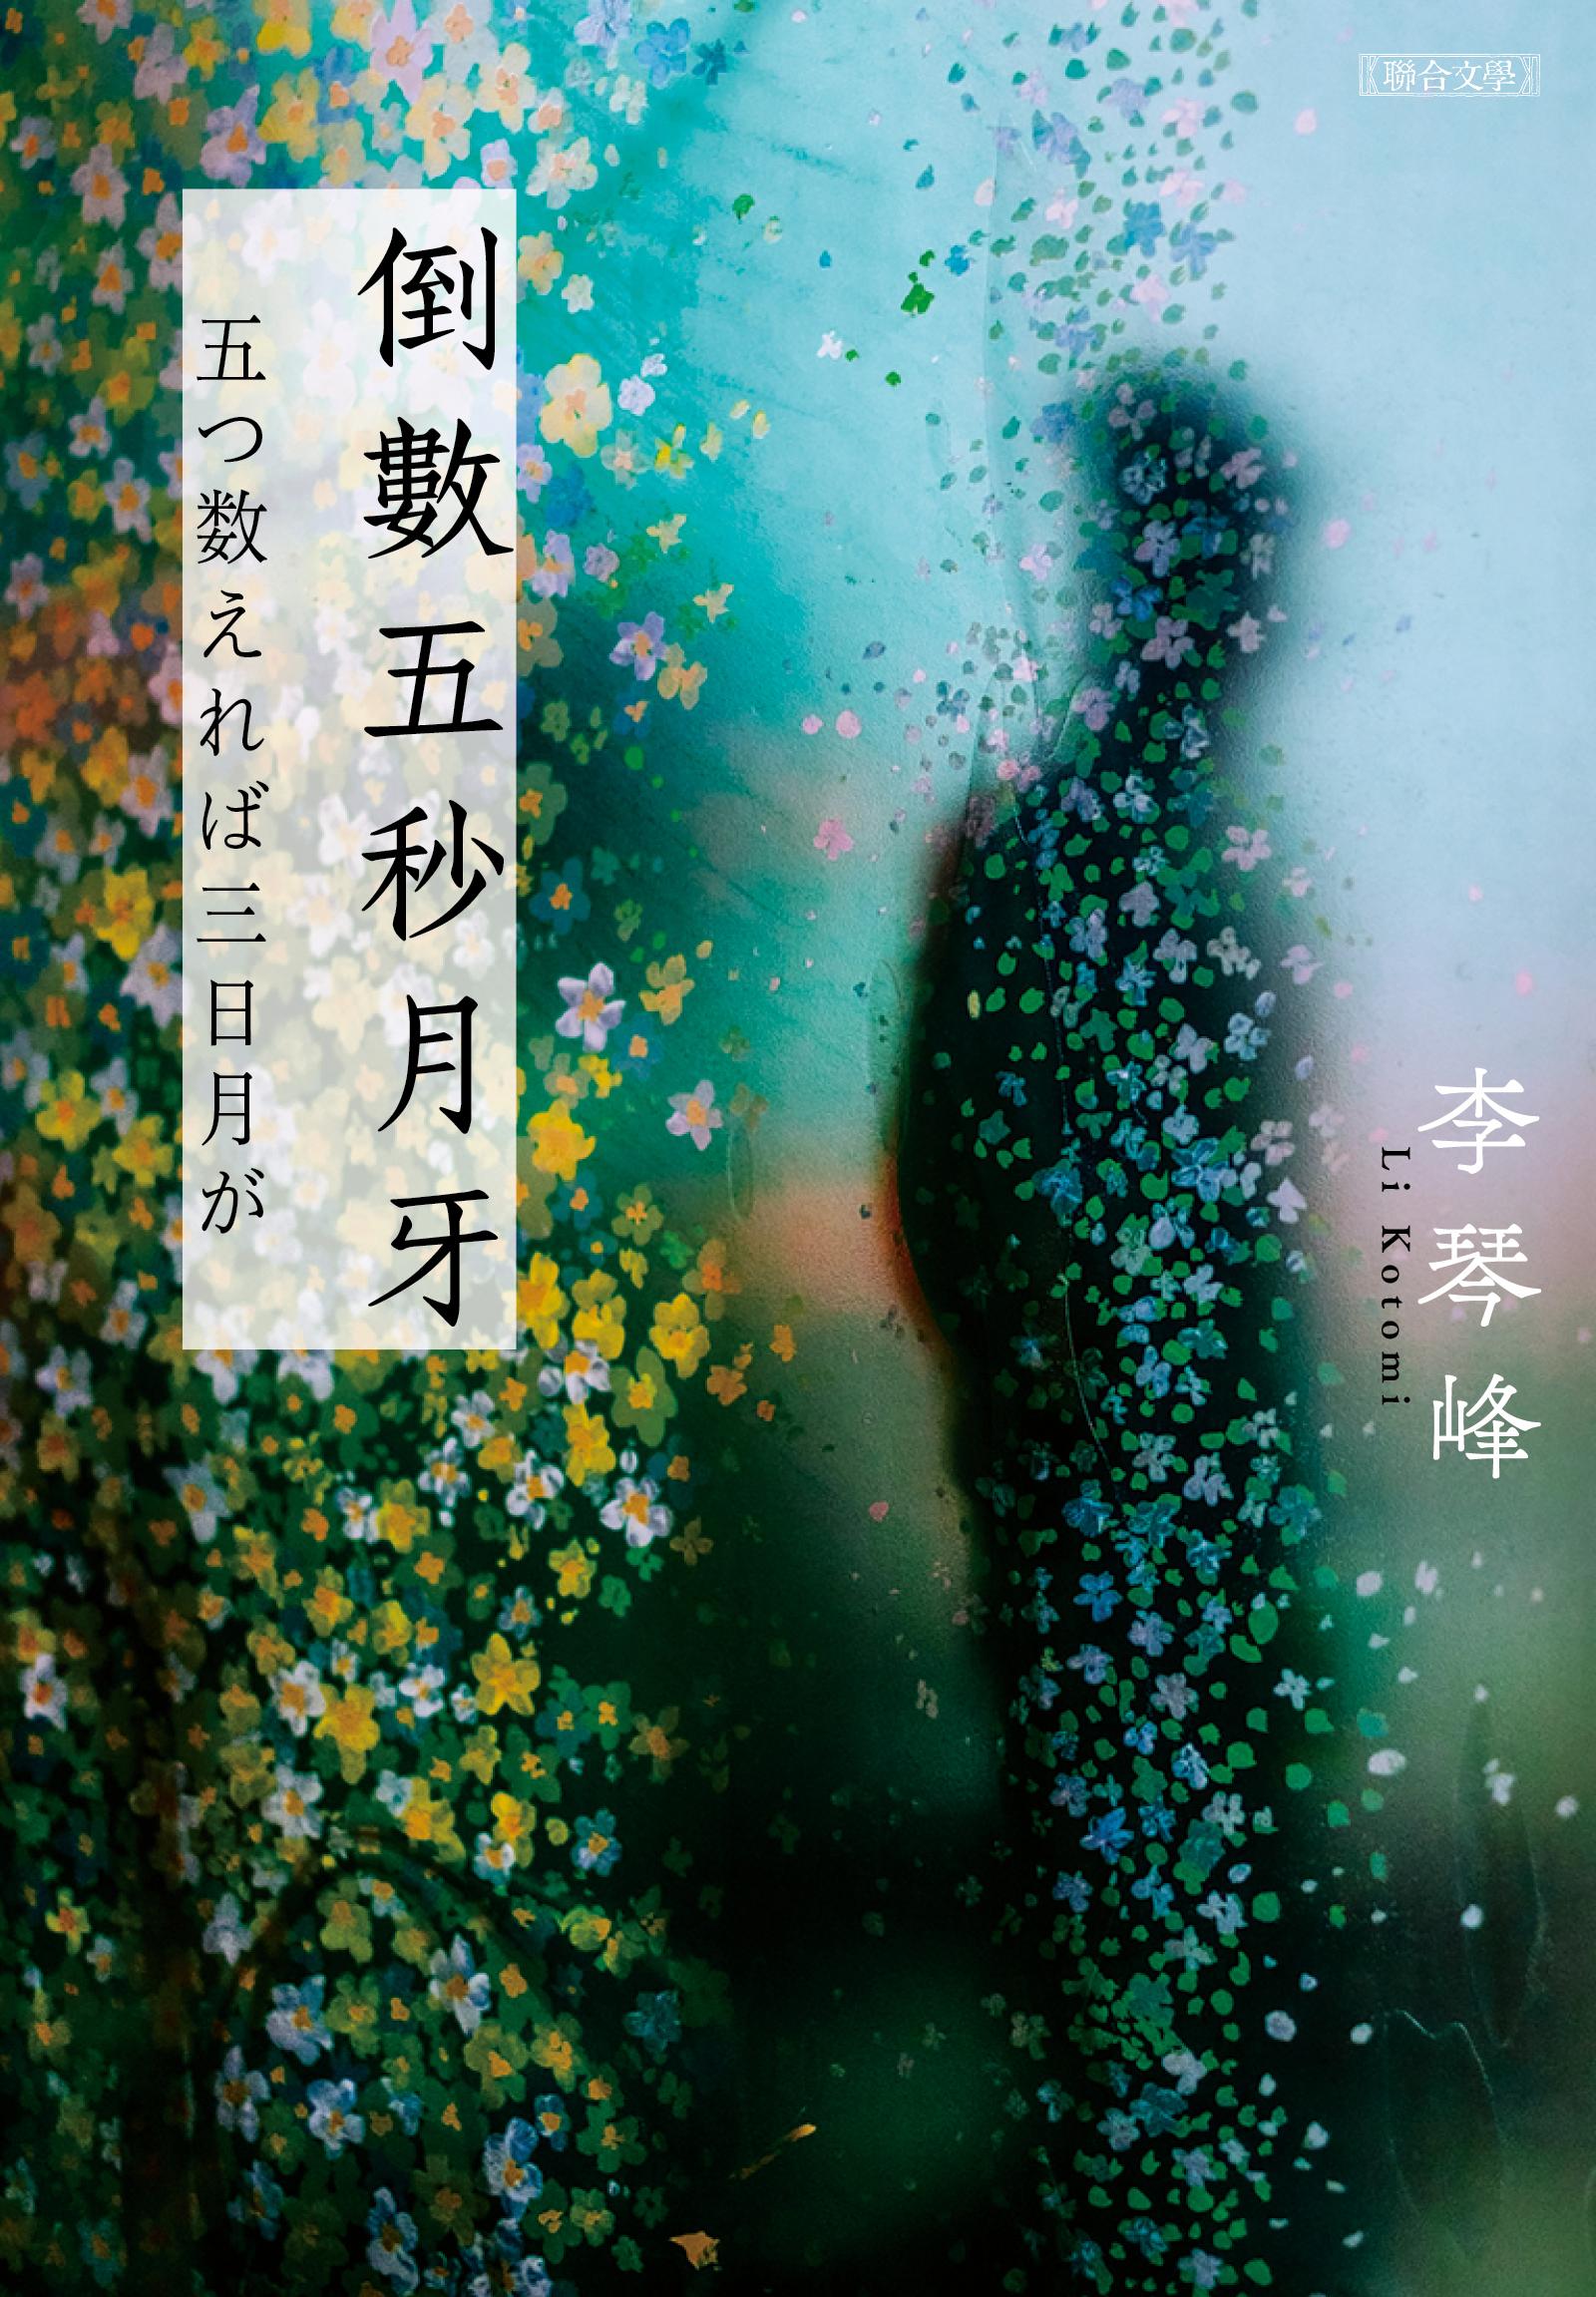 台籍旅日女同志作家李琴峰新作《倒數五秒月牙》入圍日本文學大獎,中譯版即將上市!